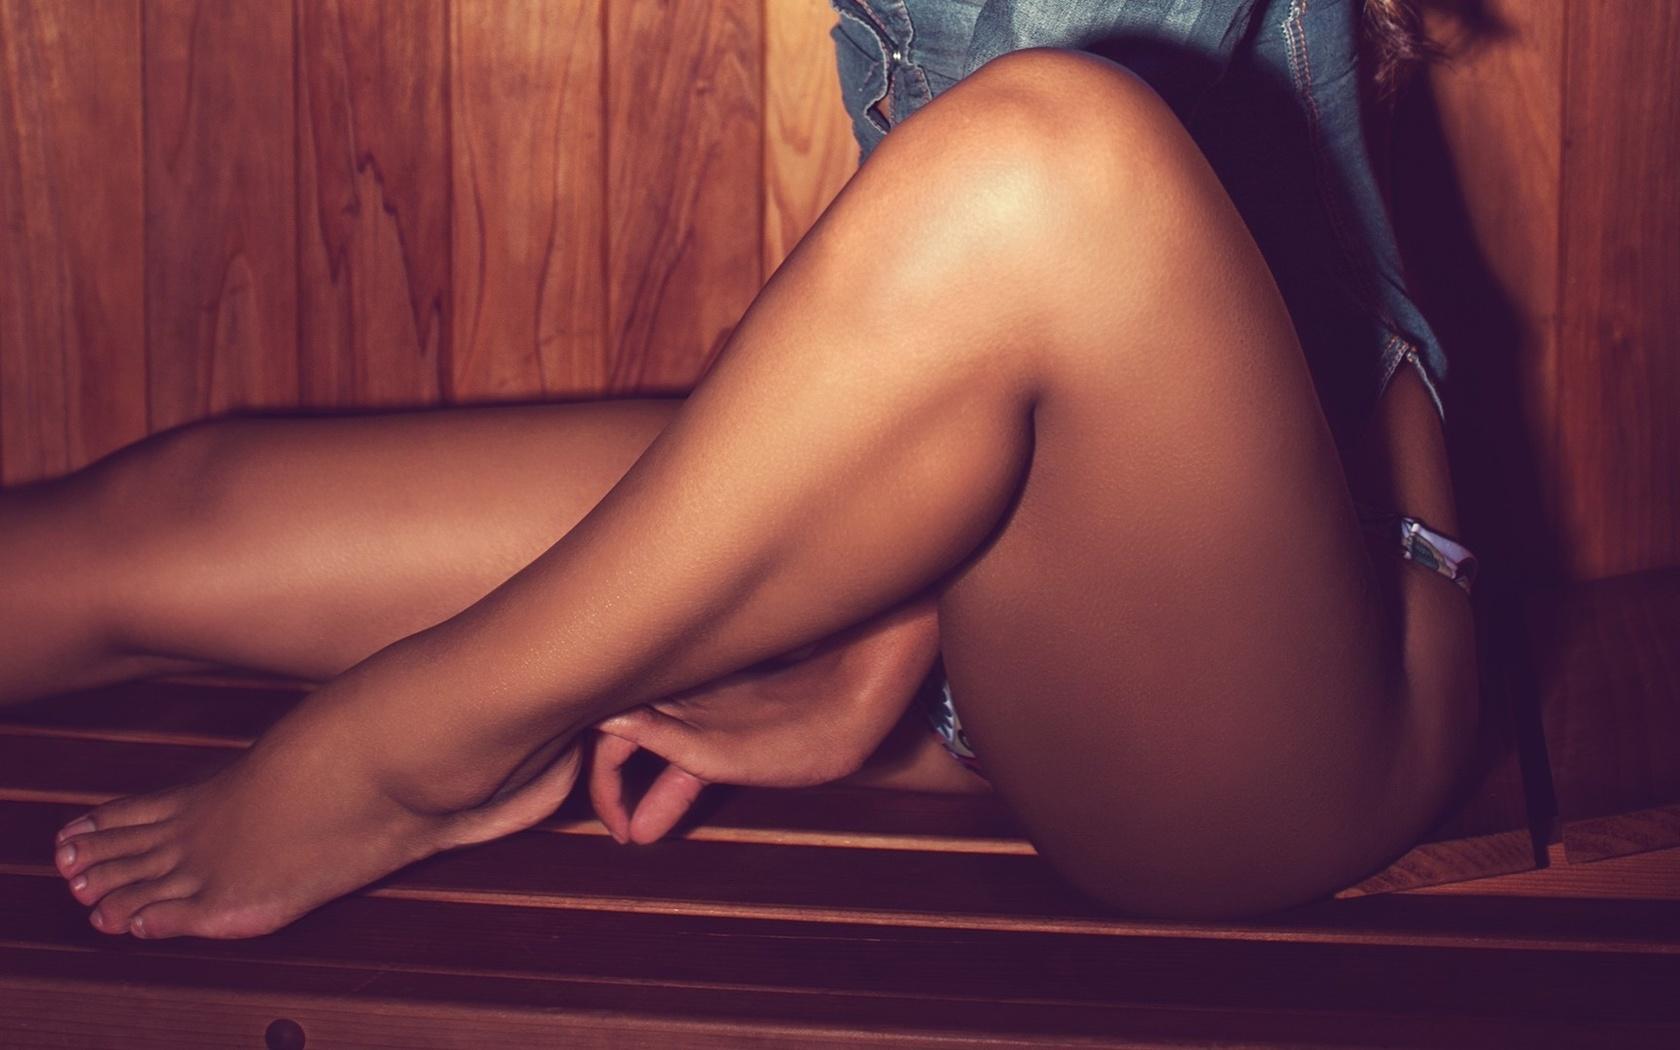 Голые попки длинноногих девушек #15